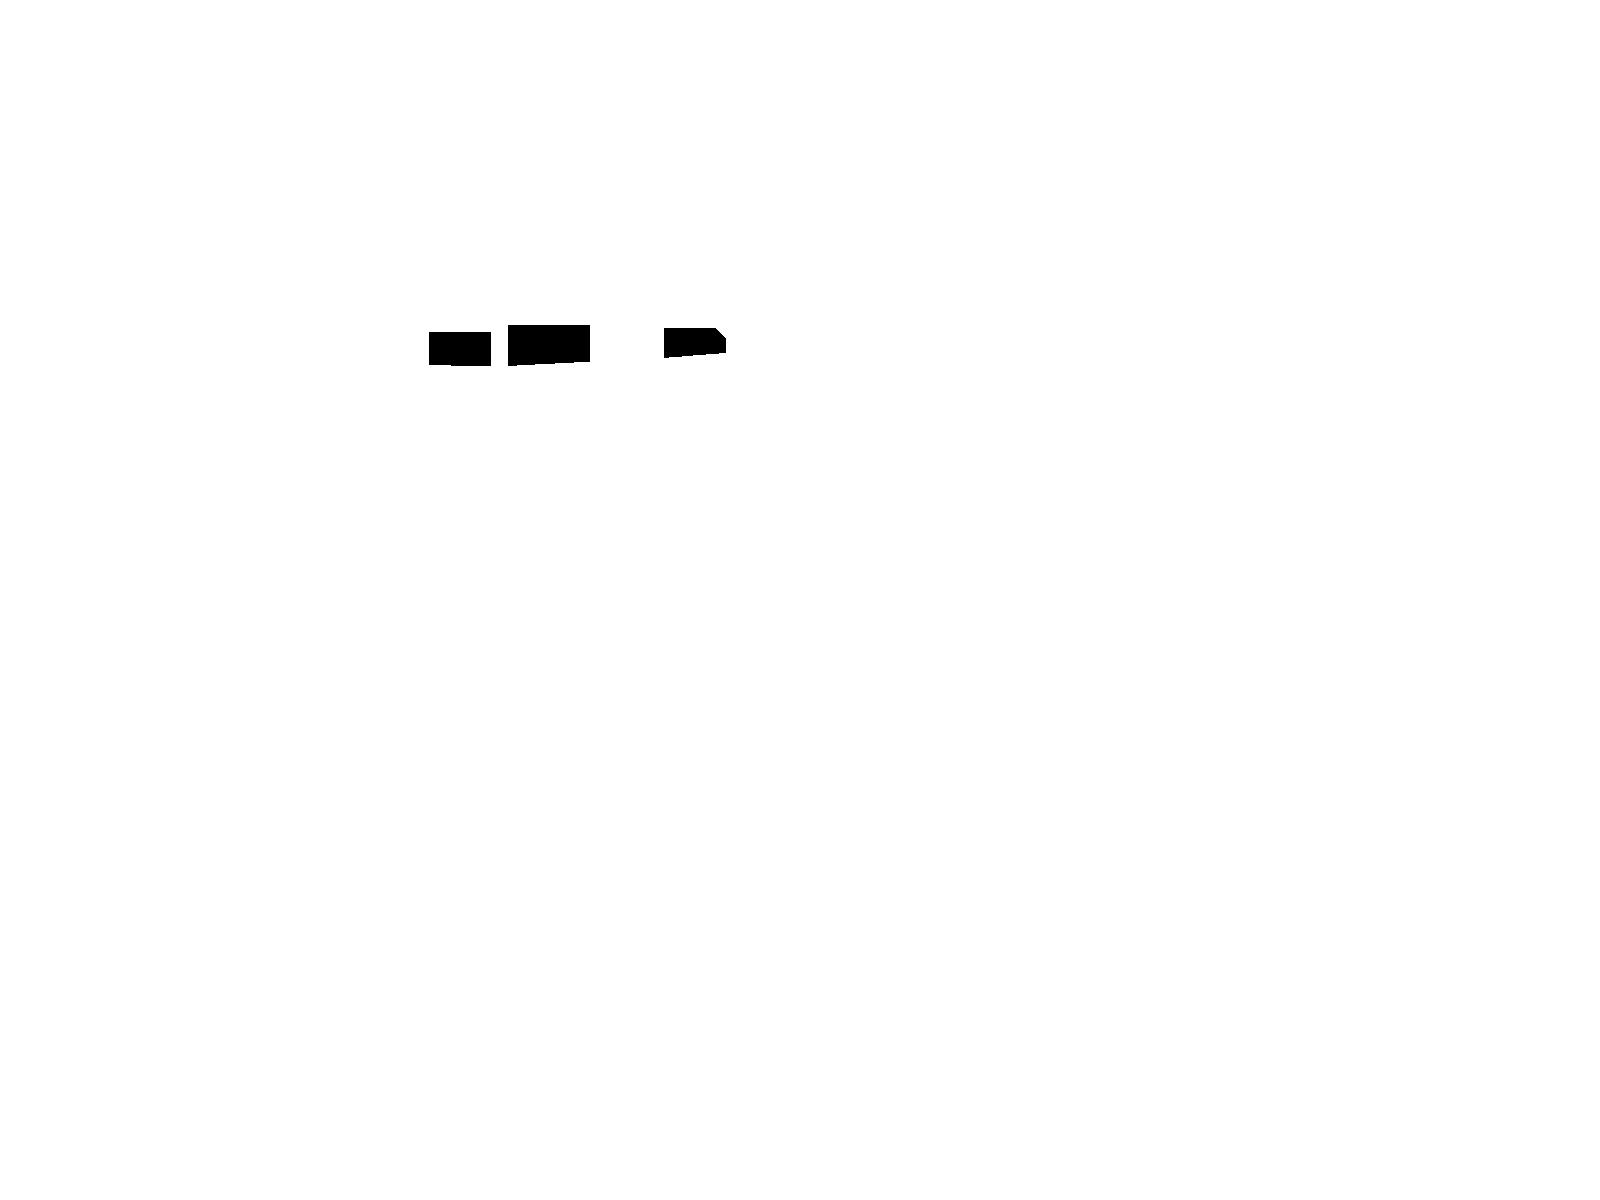 Тонировочная полоска на лобовое стекло